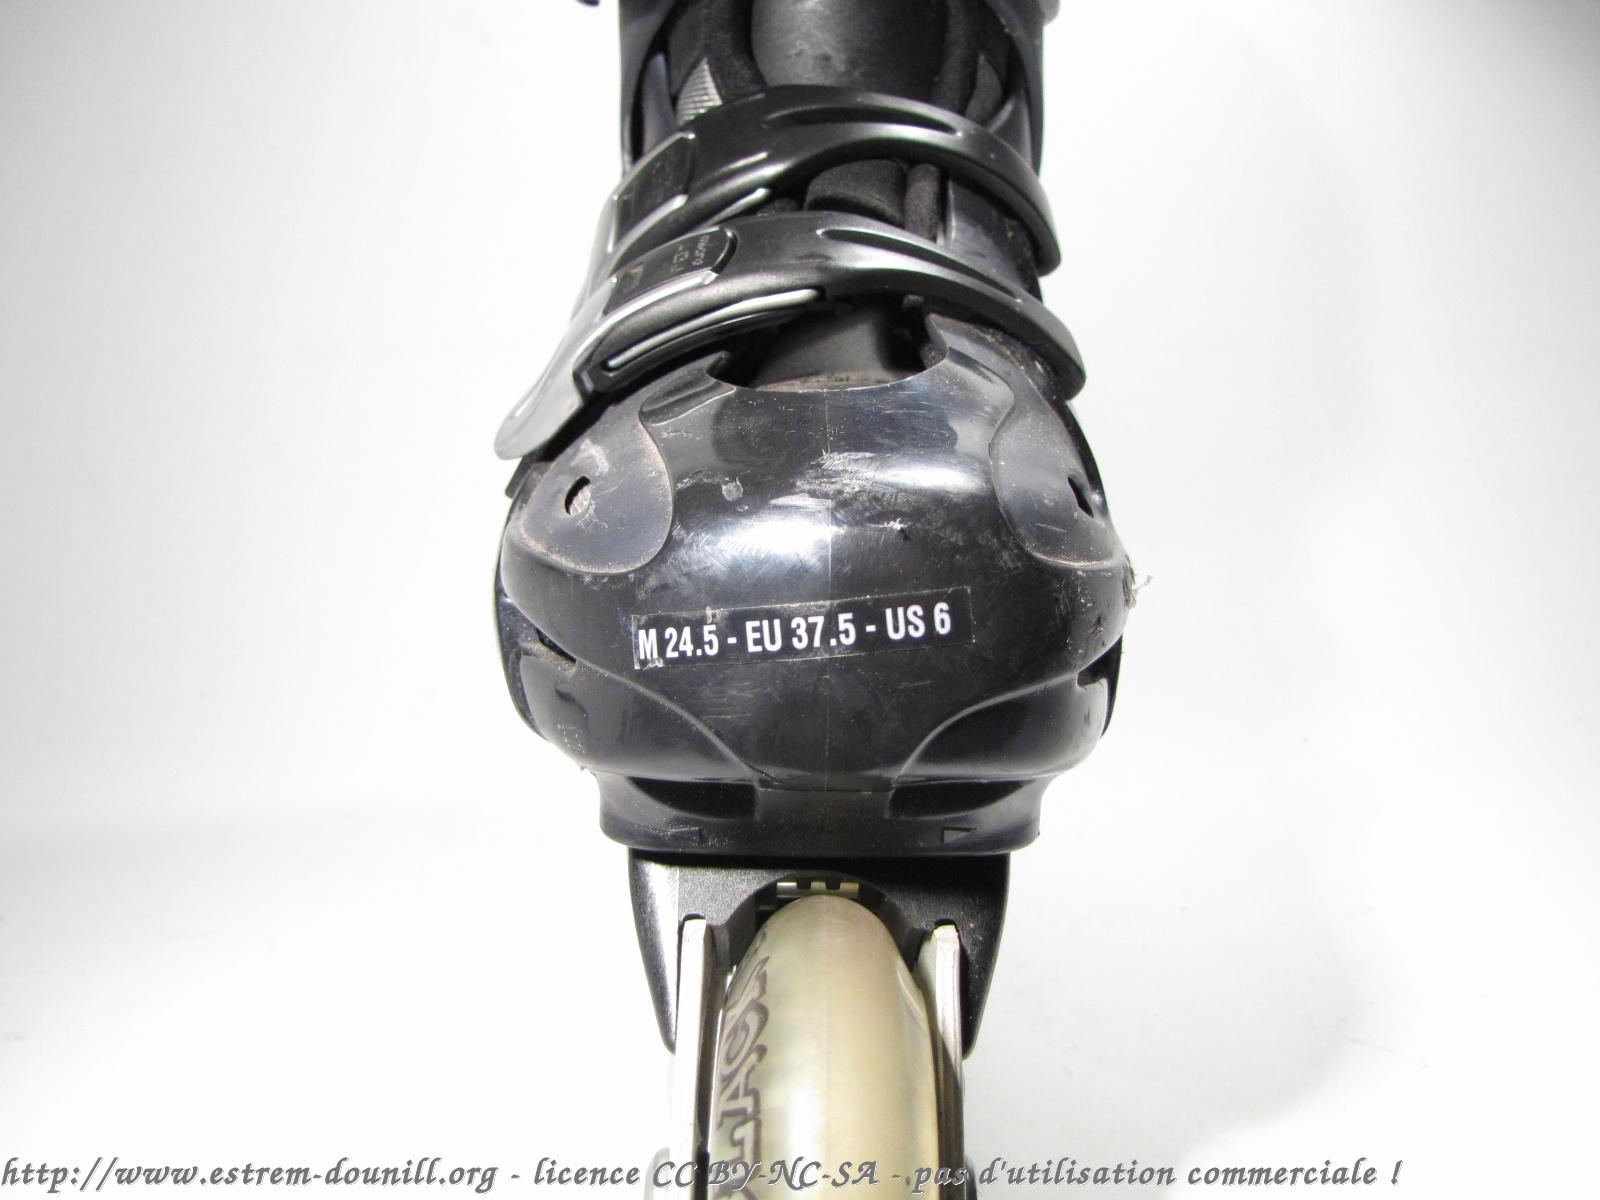 rollerblade_e4-4__etiquette_specifique